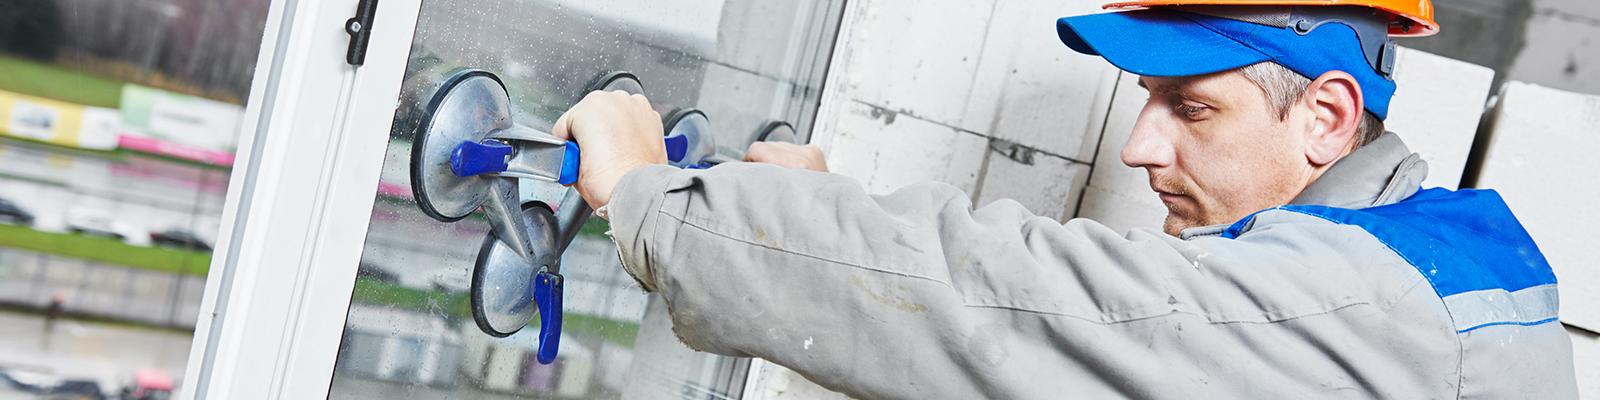 Service de dépannage vitre cassée à Boulogne-Billancourt